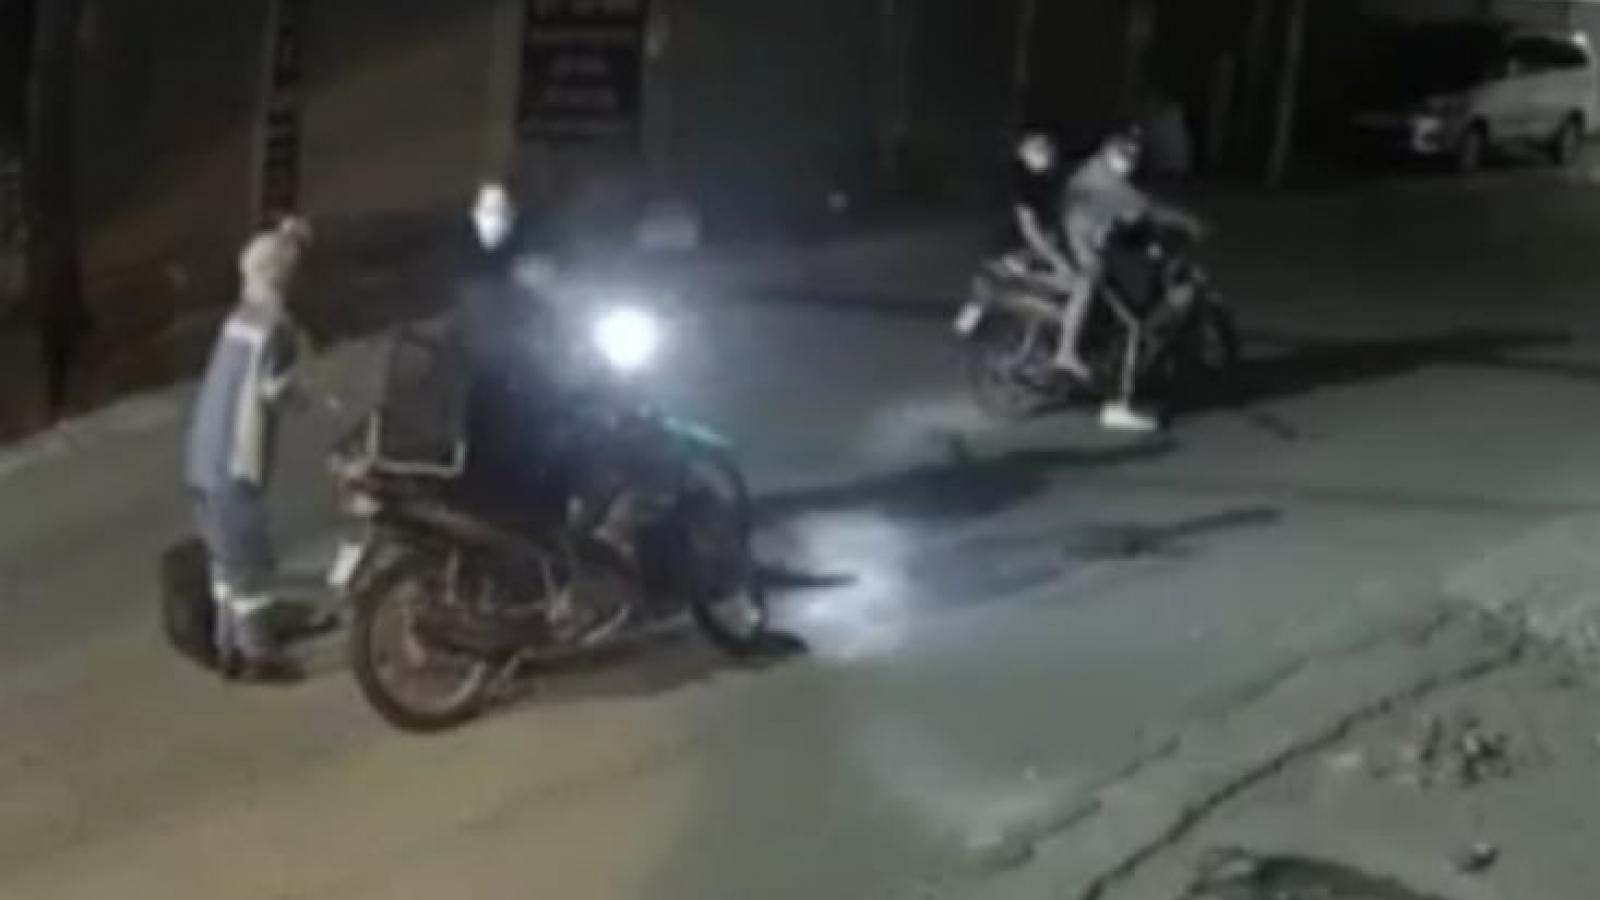 Nữ công nhân môi trường Hà Nội bị 4 thanh niên cướp xe máy trong đêm